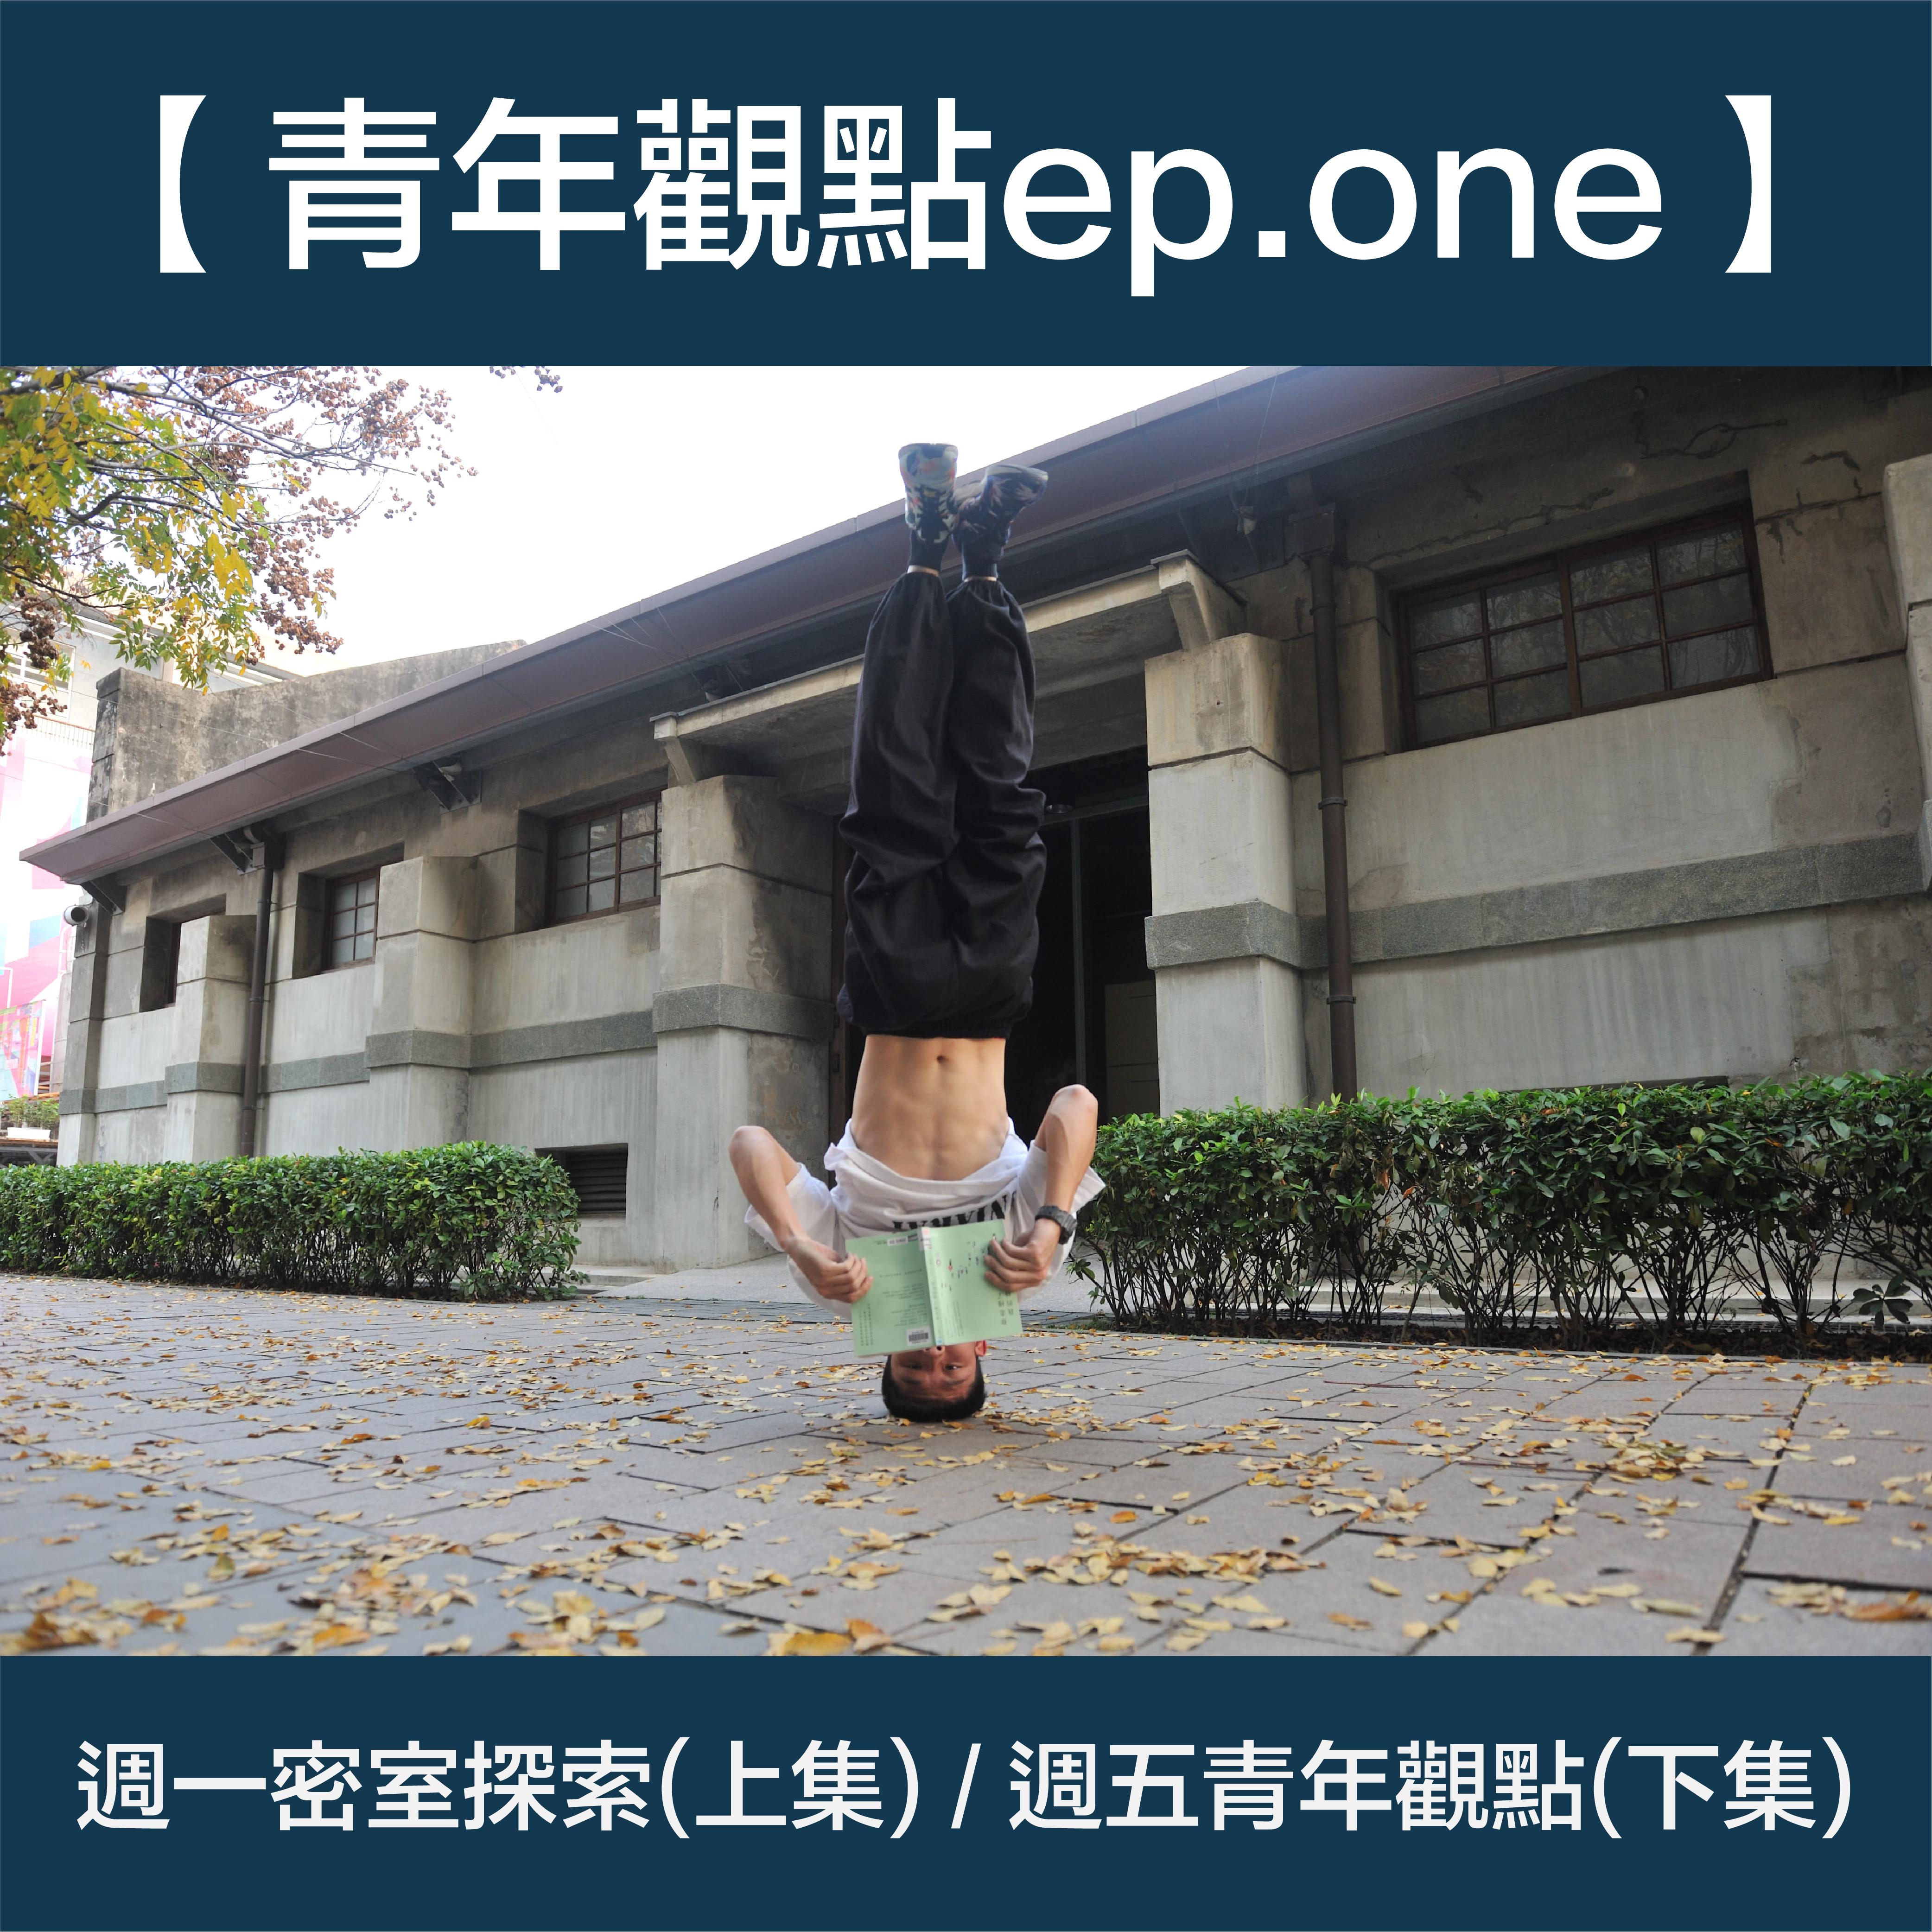 【青年觀點ep.one】把興趣變成工作簡單嗎?玩魔術方塊十年玩到成立新創教育公司!feat.李孟一